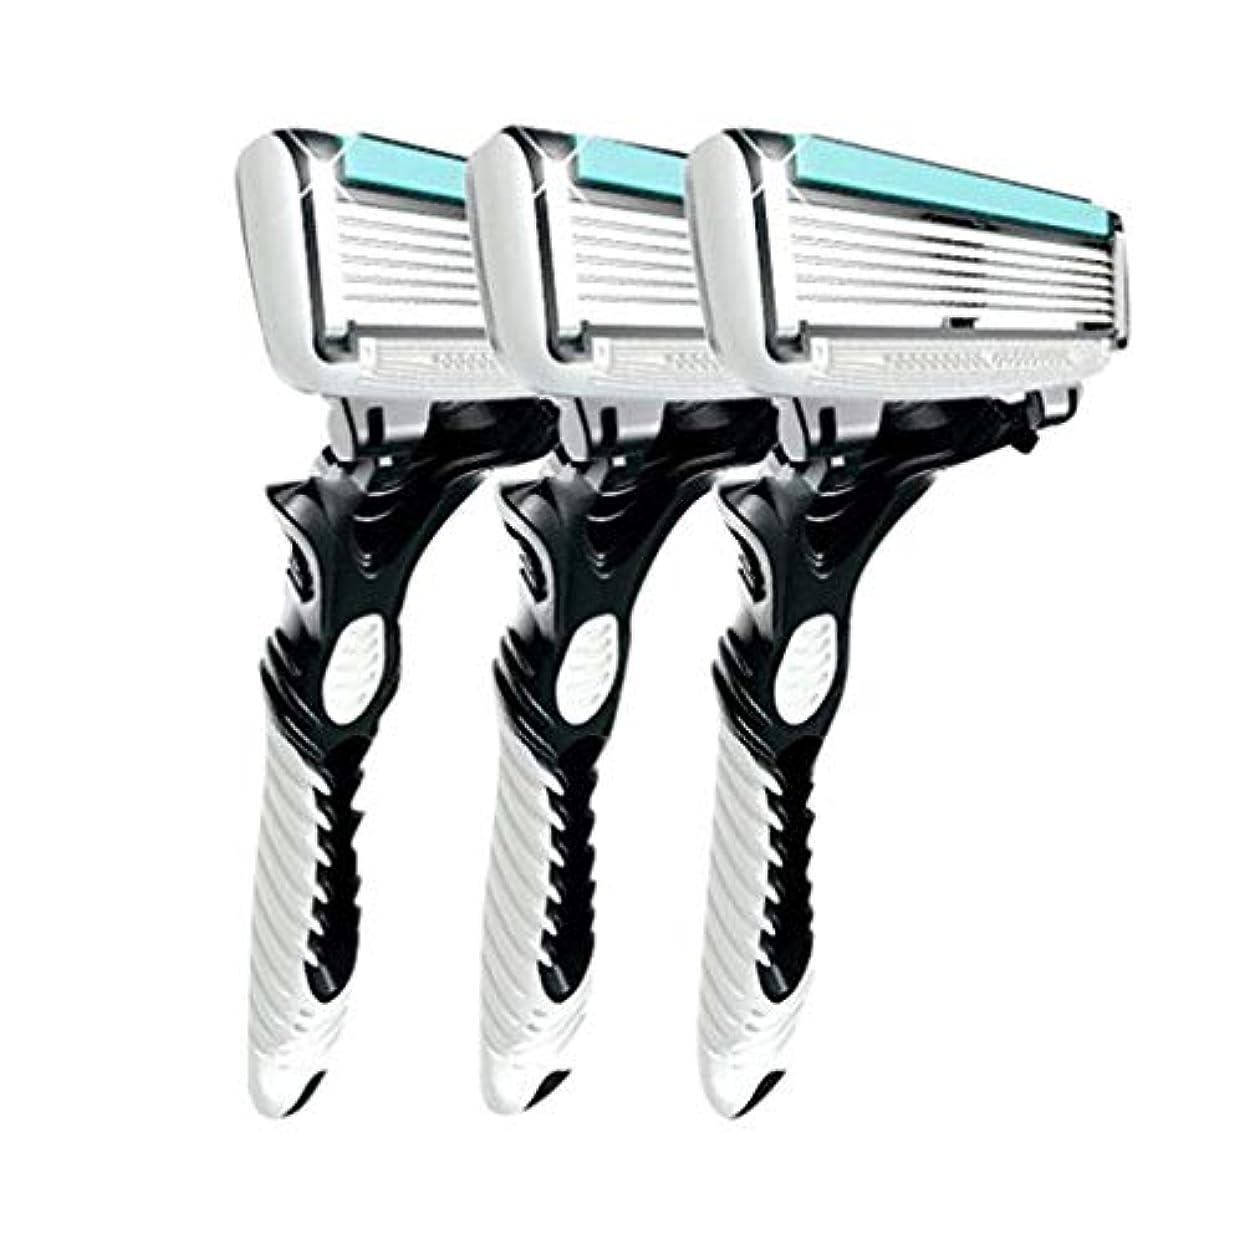 成熟ピュー環境3pcsの男性の安全の伝統的なクラシック6層シェービング髪ブレードカミソリのマニュアルステンレス鋼のシェービング髪のブレイド